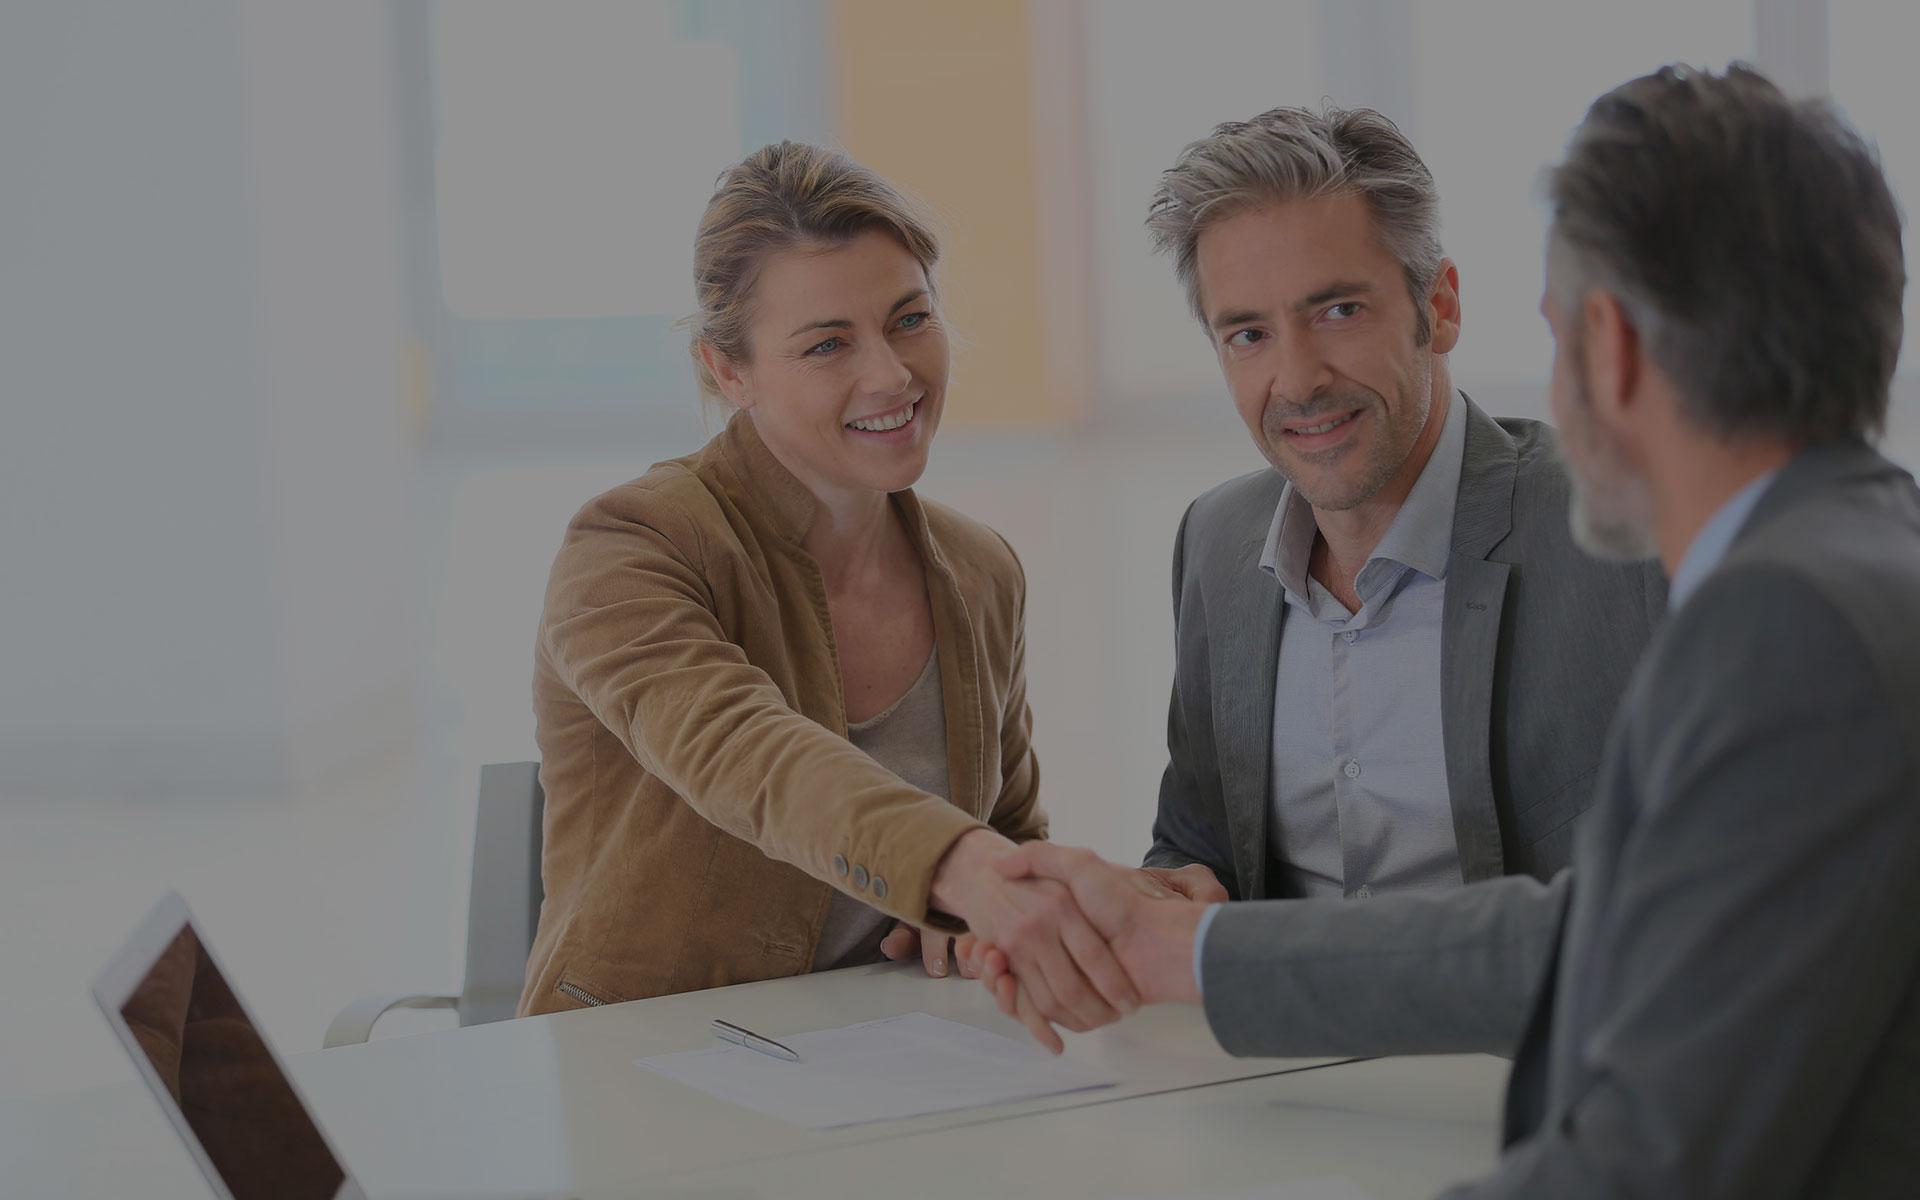 Empresa Contábil - Abrindo próprio negócio